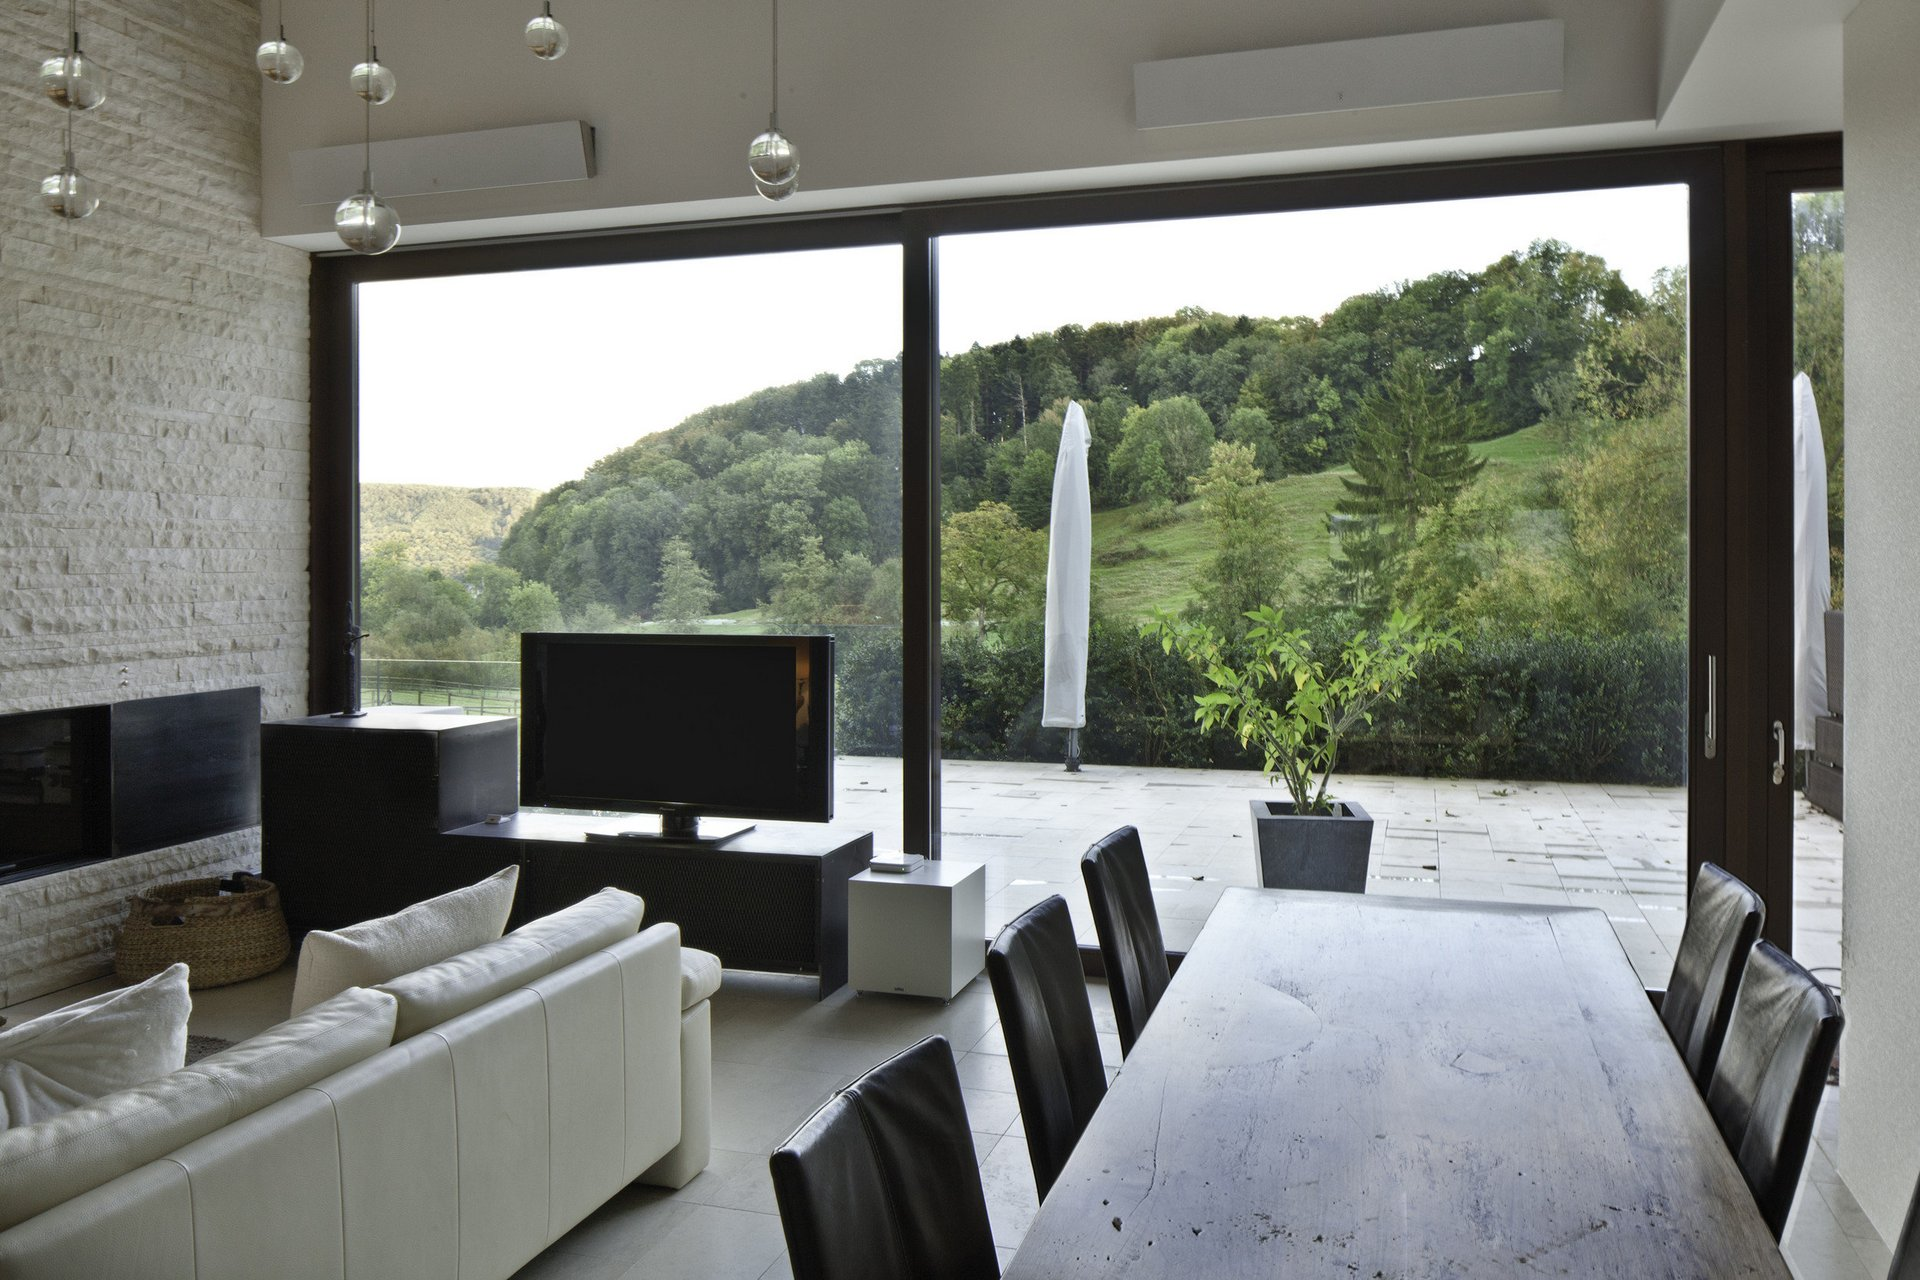 Wohnzimmer mit Hebe-Schiebetüren die ganze Wand ersetzen